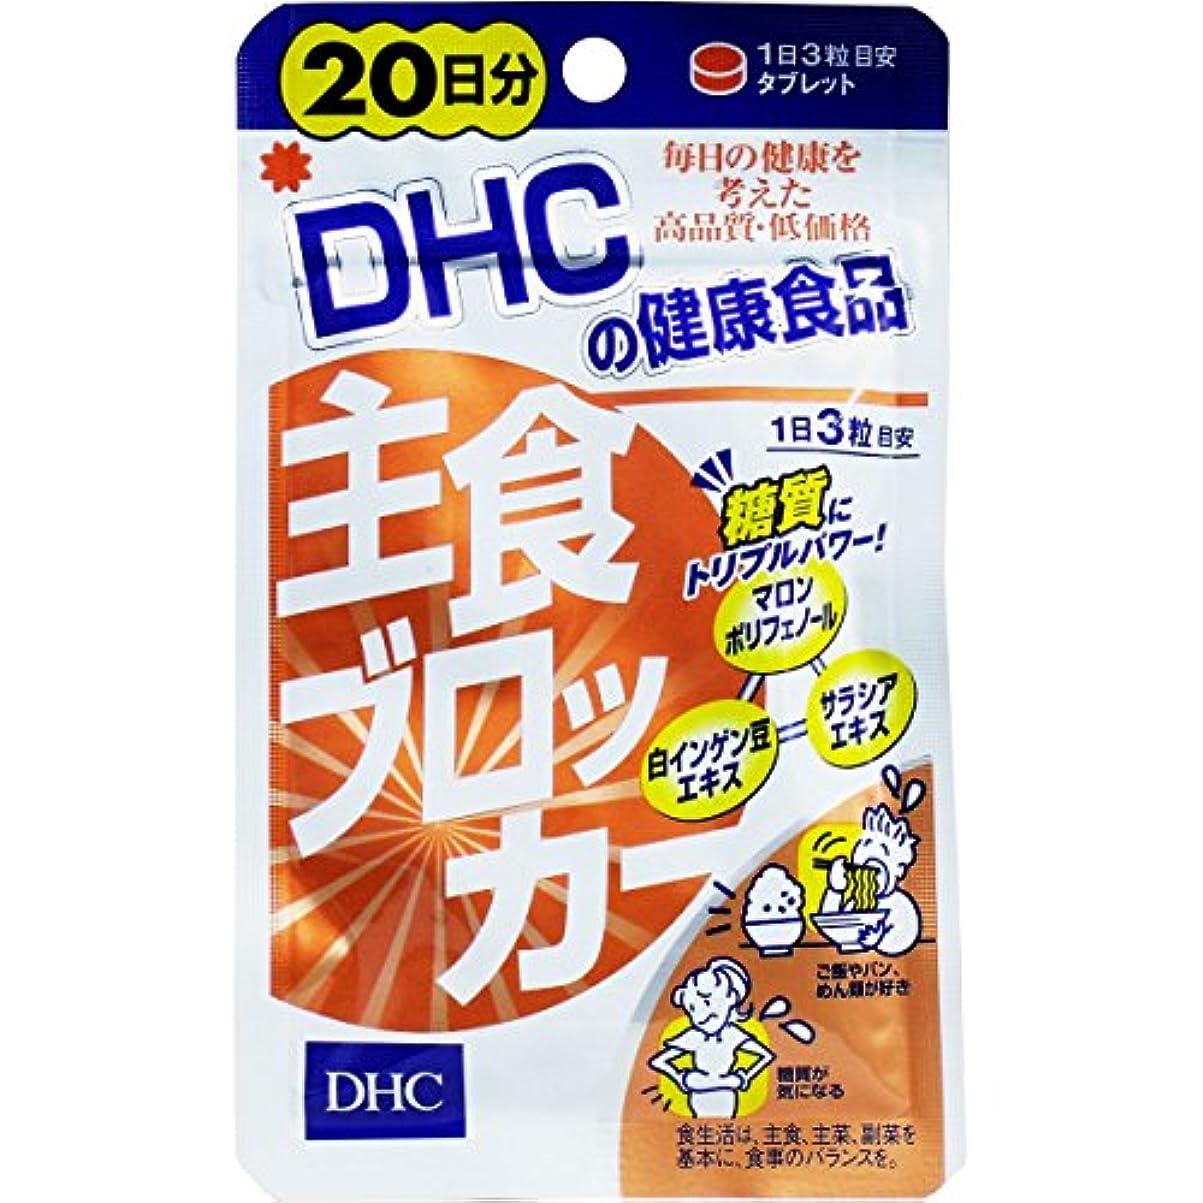 キャロライン鹿心配ダイエット トリプルパワーでため込み対策 栄養機能食品 DHC 主食ブロッカー 20日分 60粒入【5個セット】